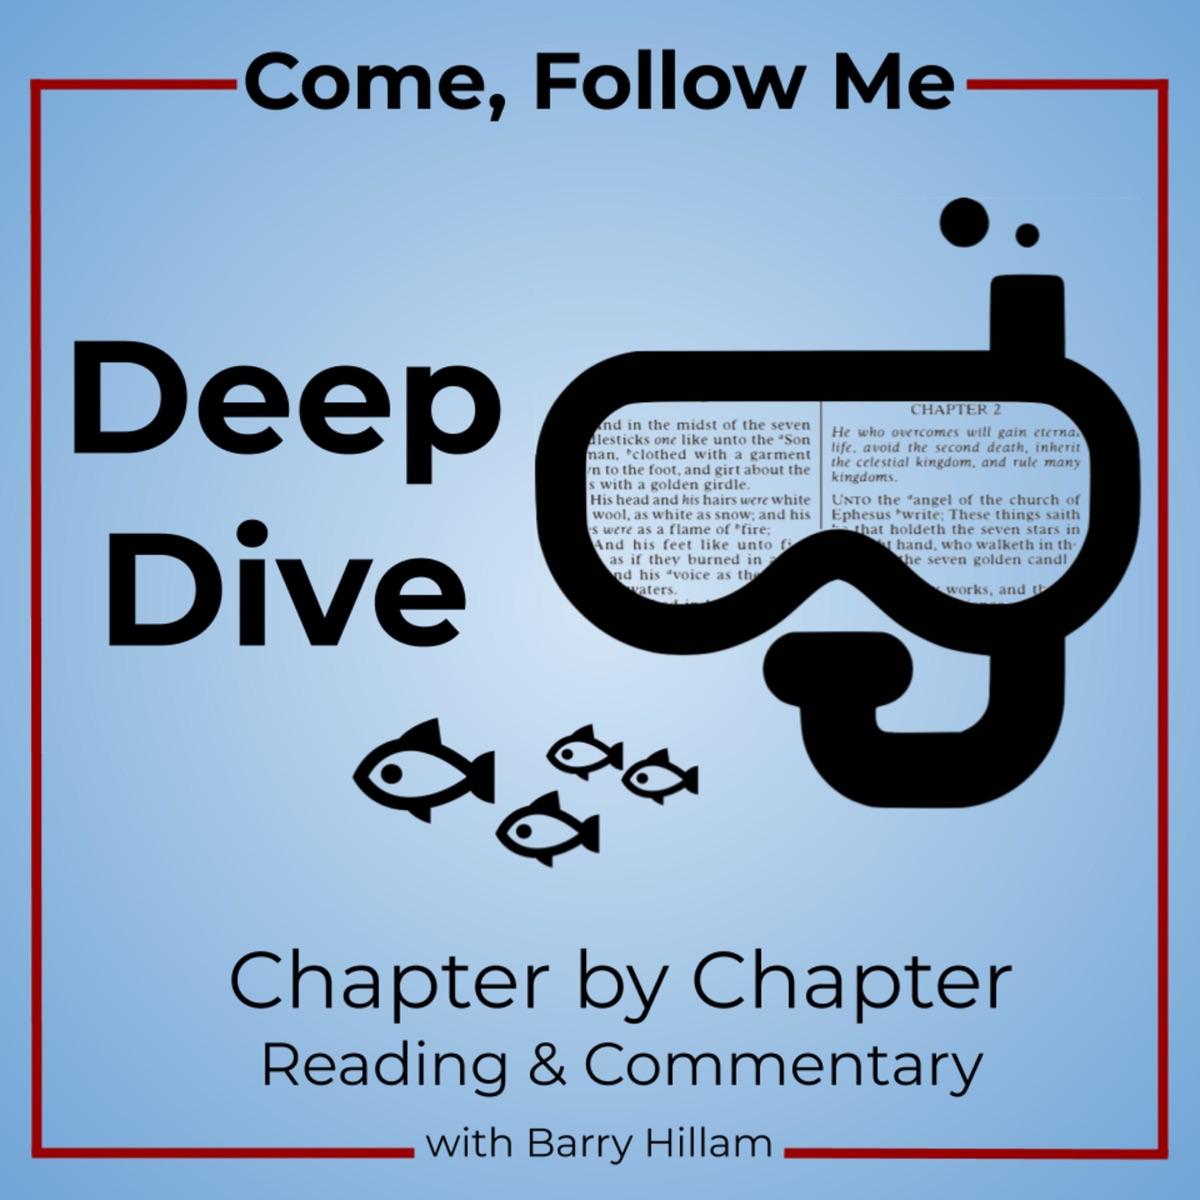 Come, Follow Me: Deep Dive